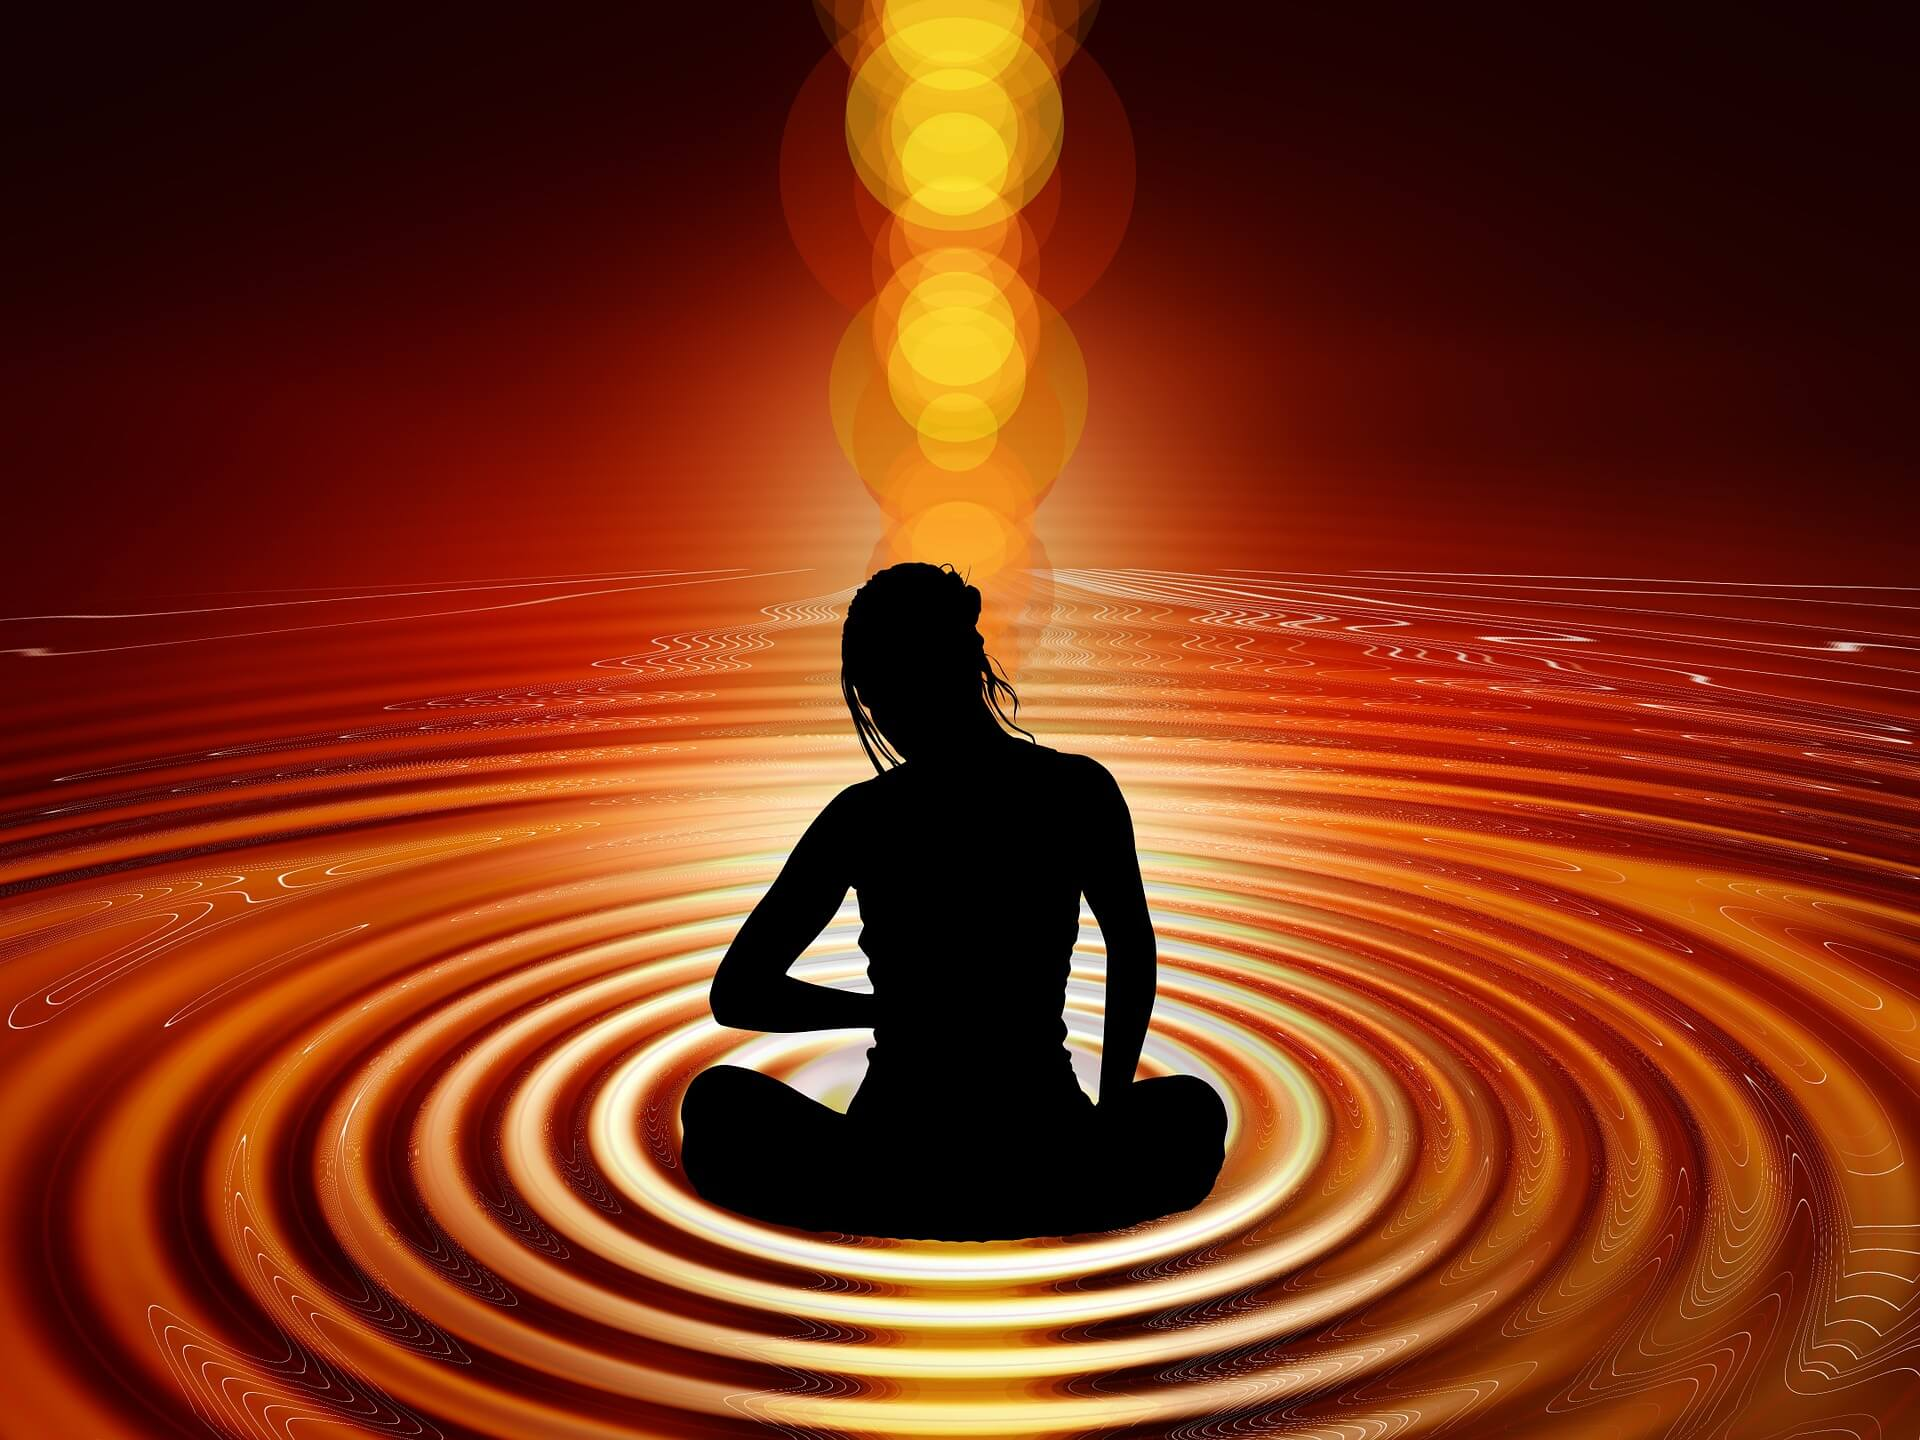 潜在意識 瞑想 叶った